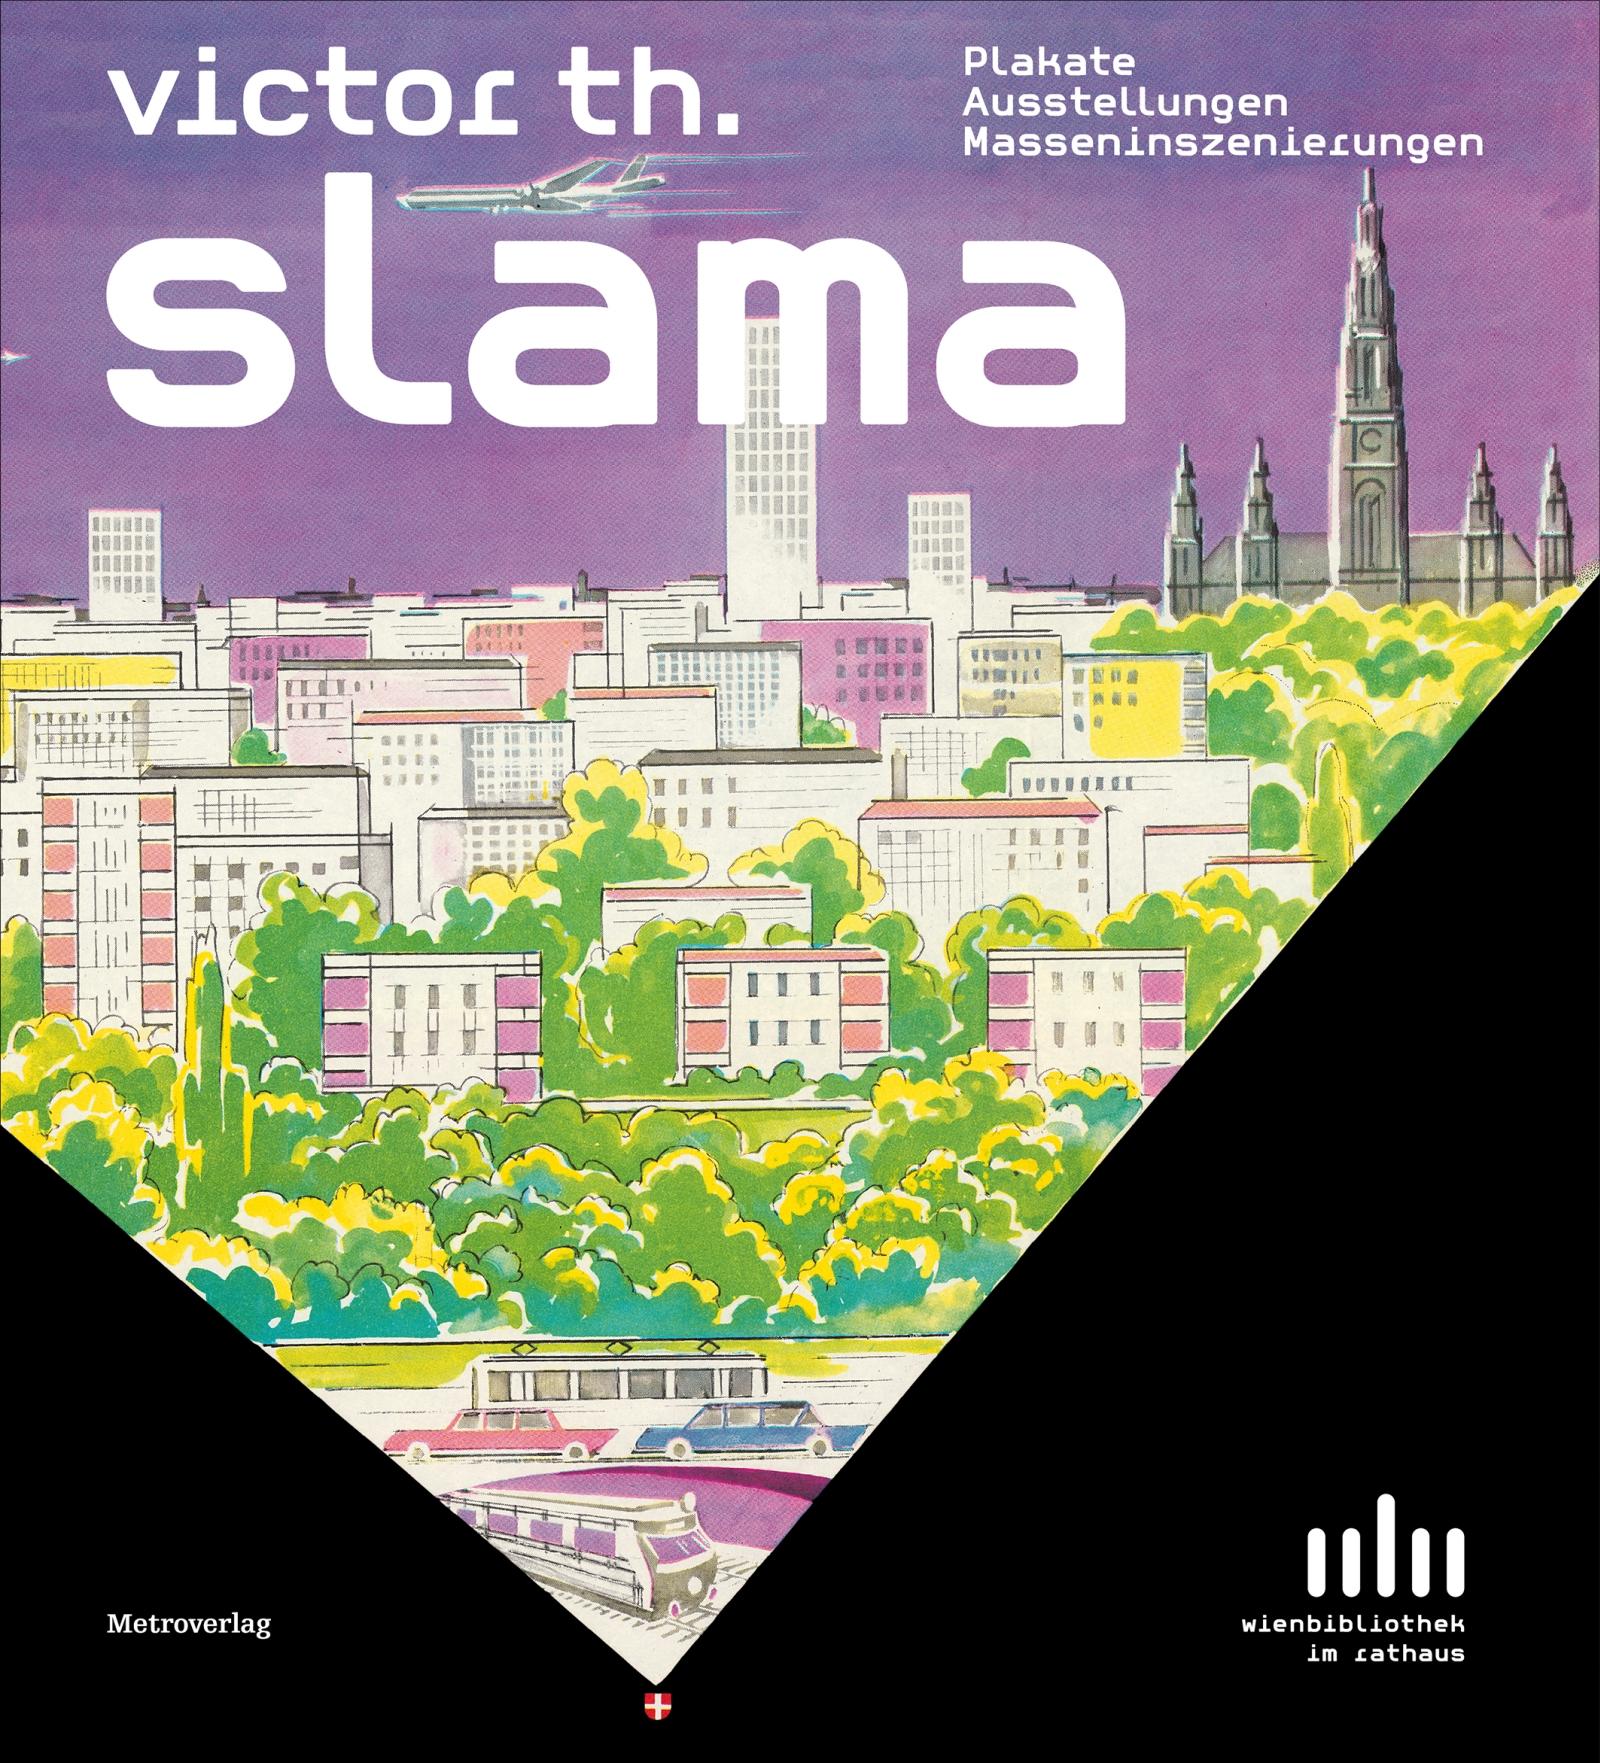 Victor Th. Slama – Plakate, Ausstellungen, Masseninszenierungen